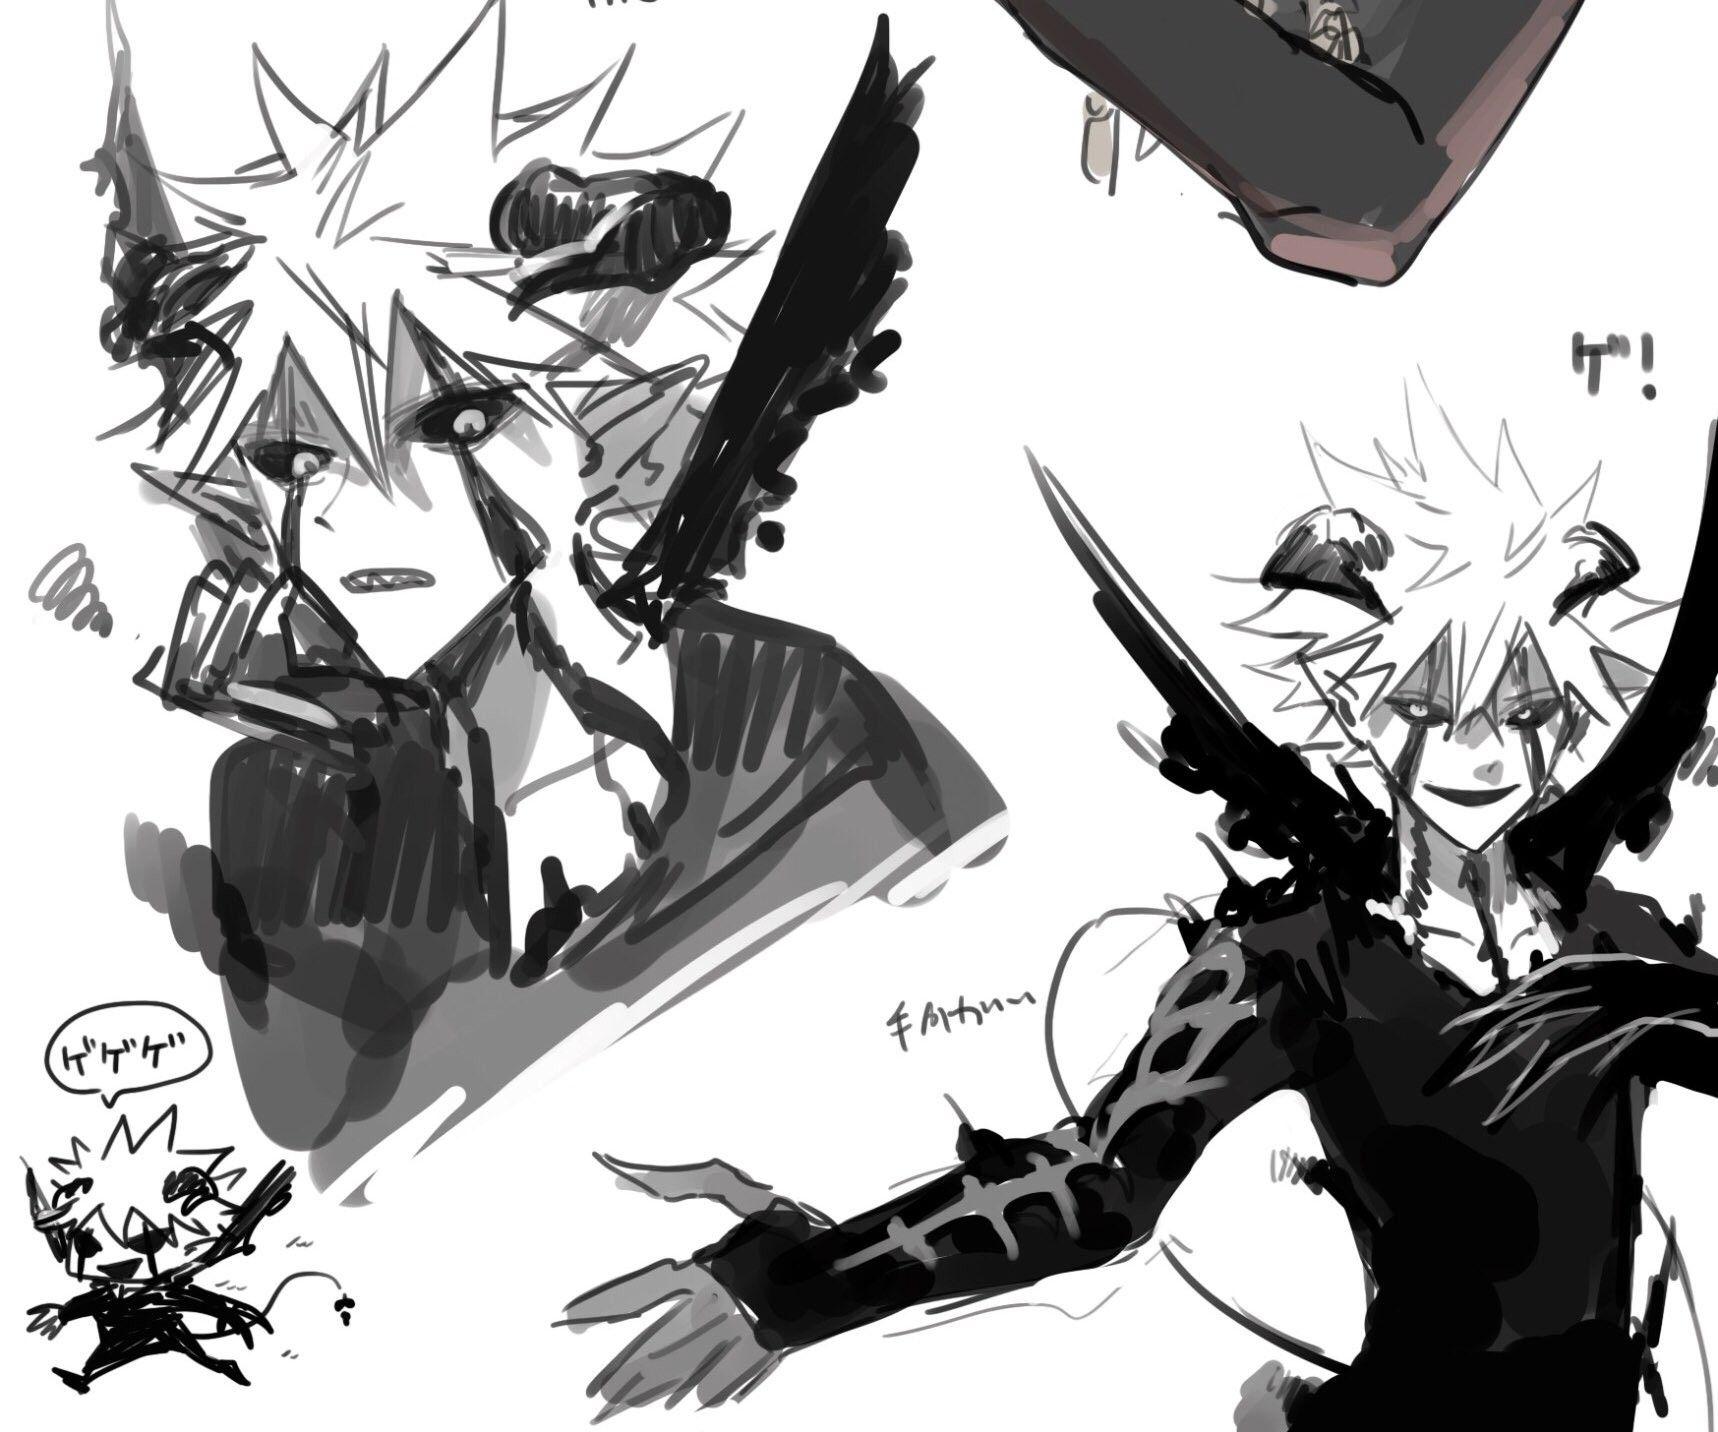 Asta Demon Black Clover In 2020 Black Clover Anime Black Clover Manga Anime